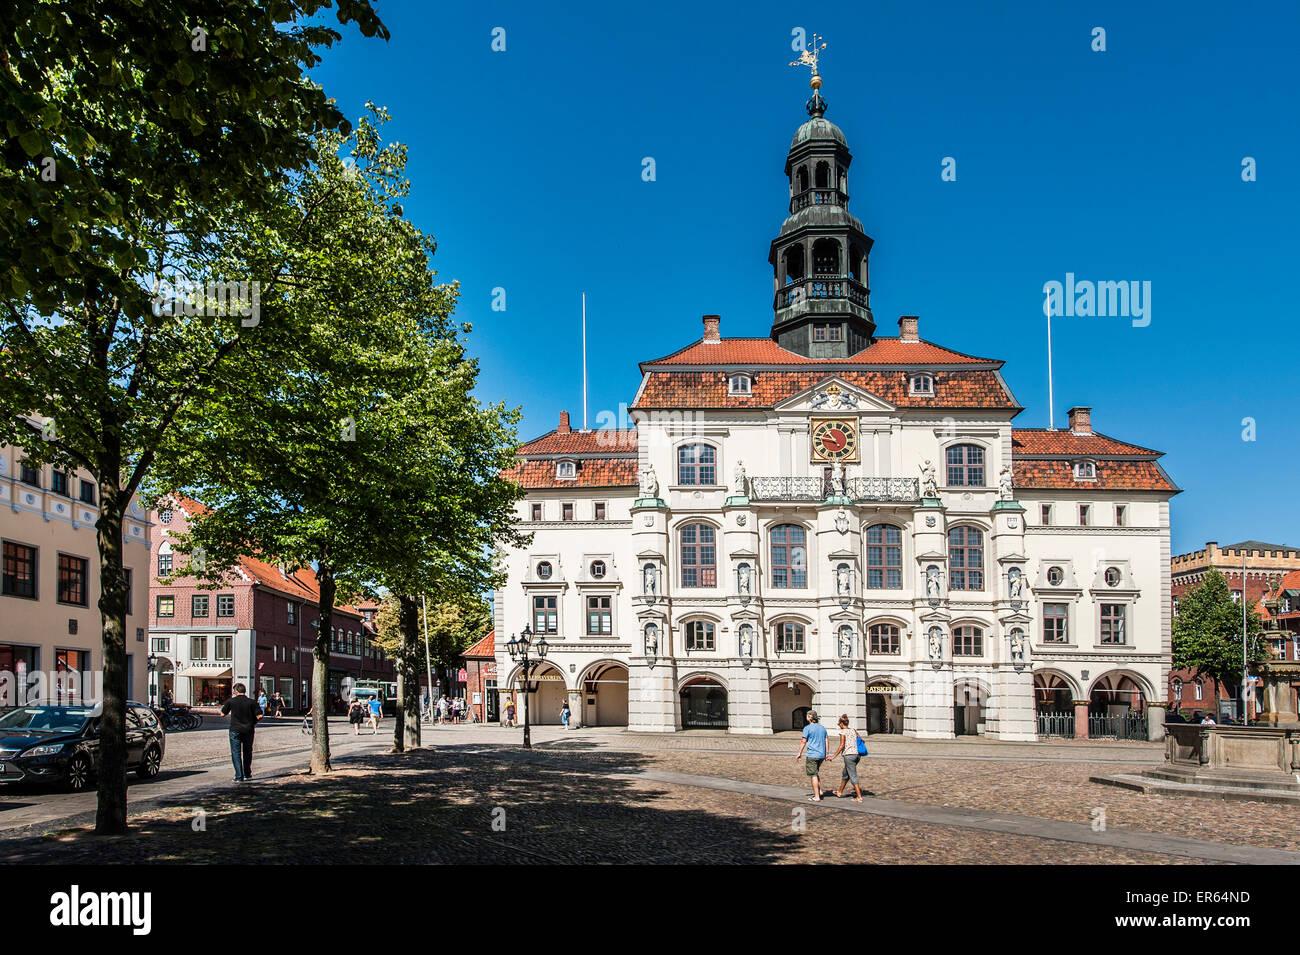 Historischen Rathaus Lüneburg, Niedersachsen, Germany Stockbild